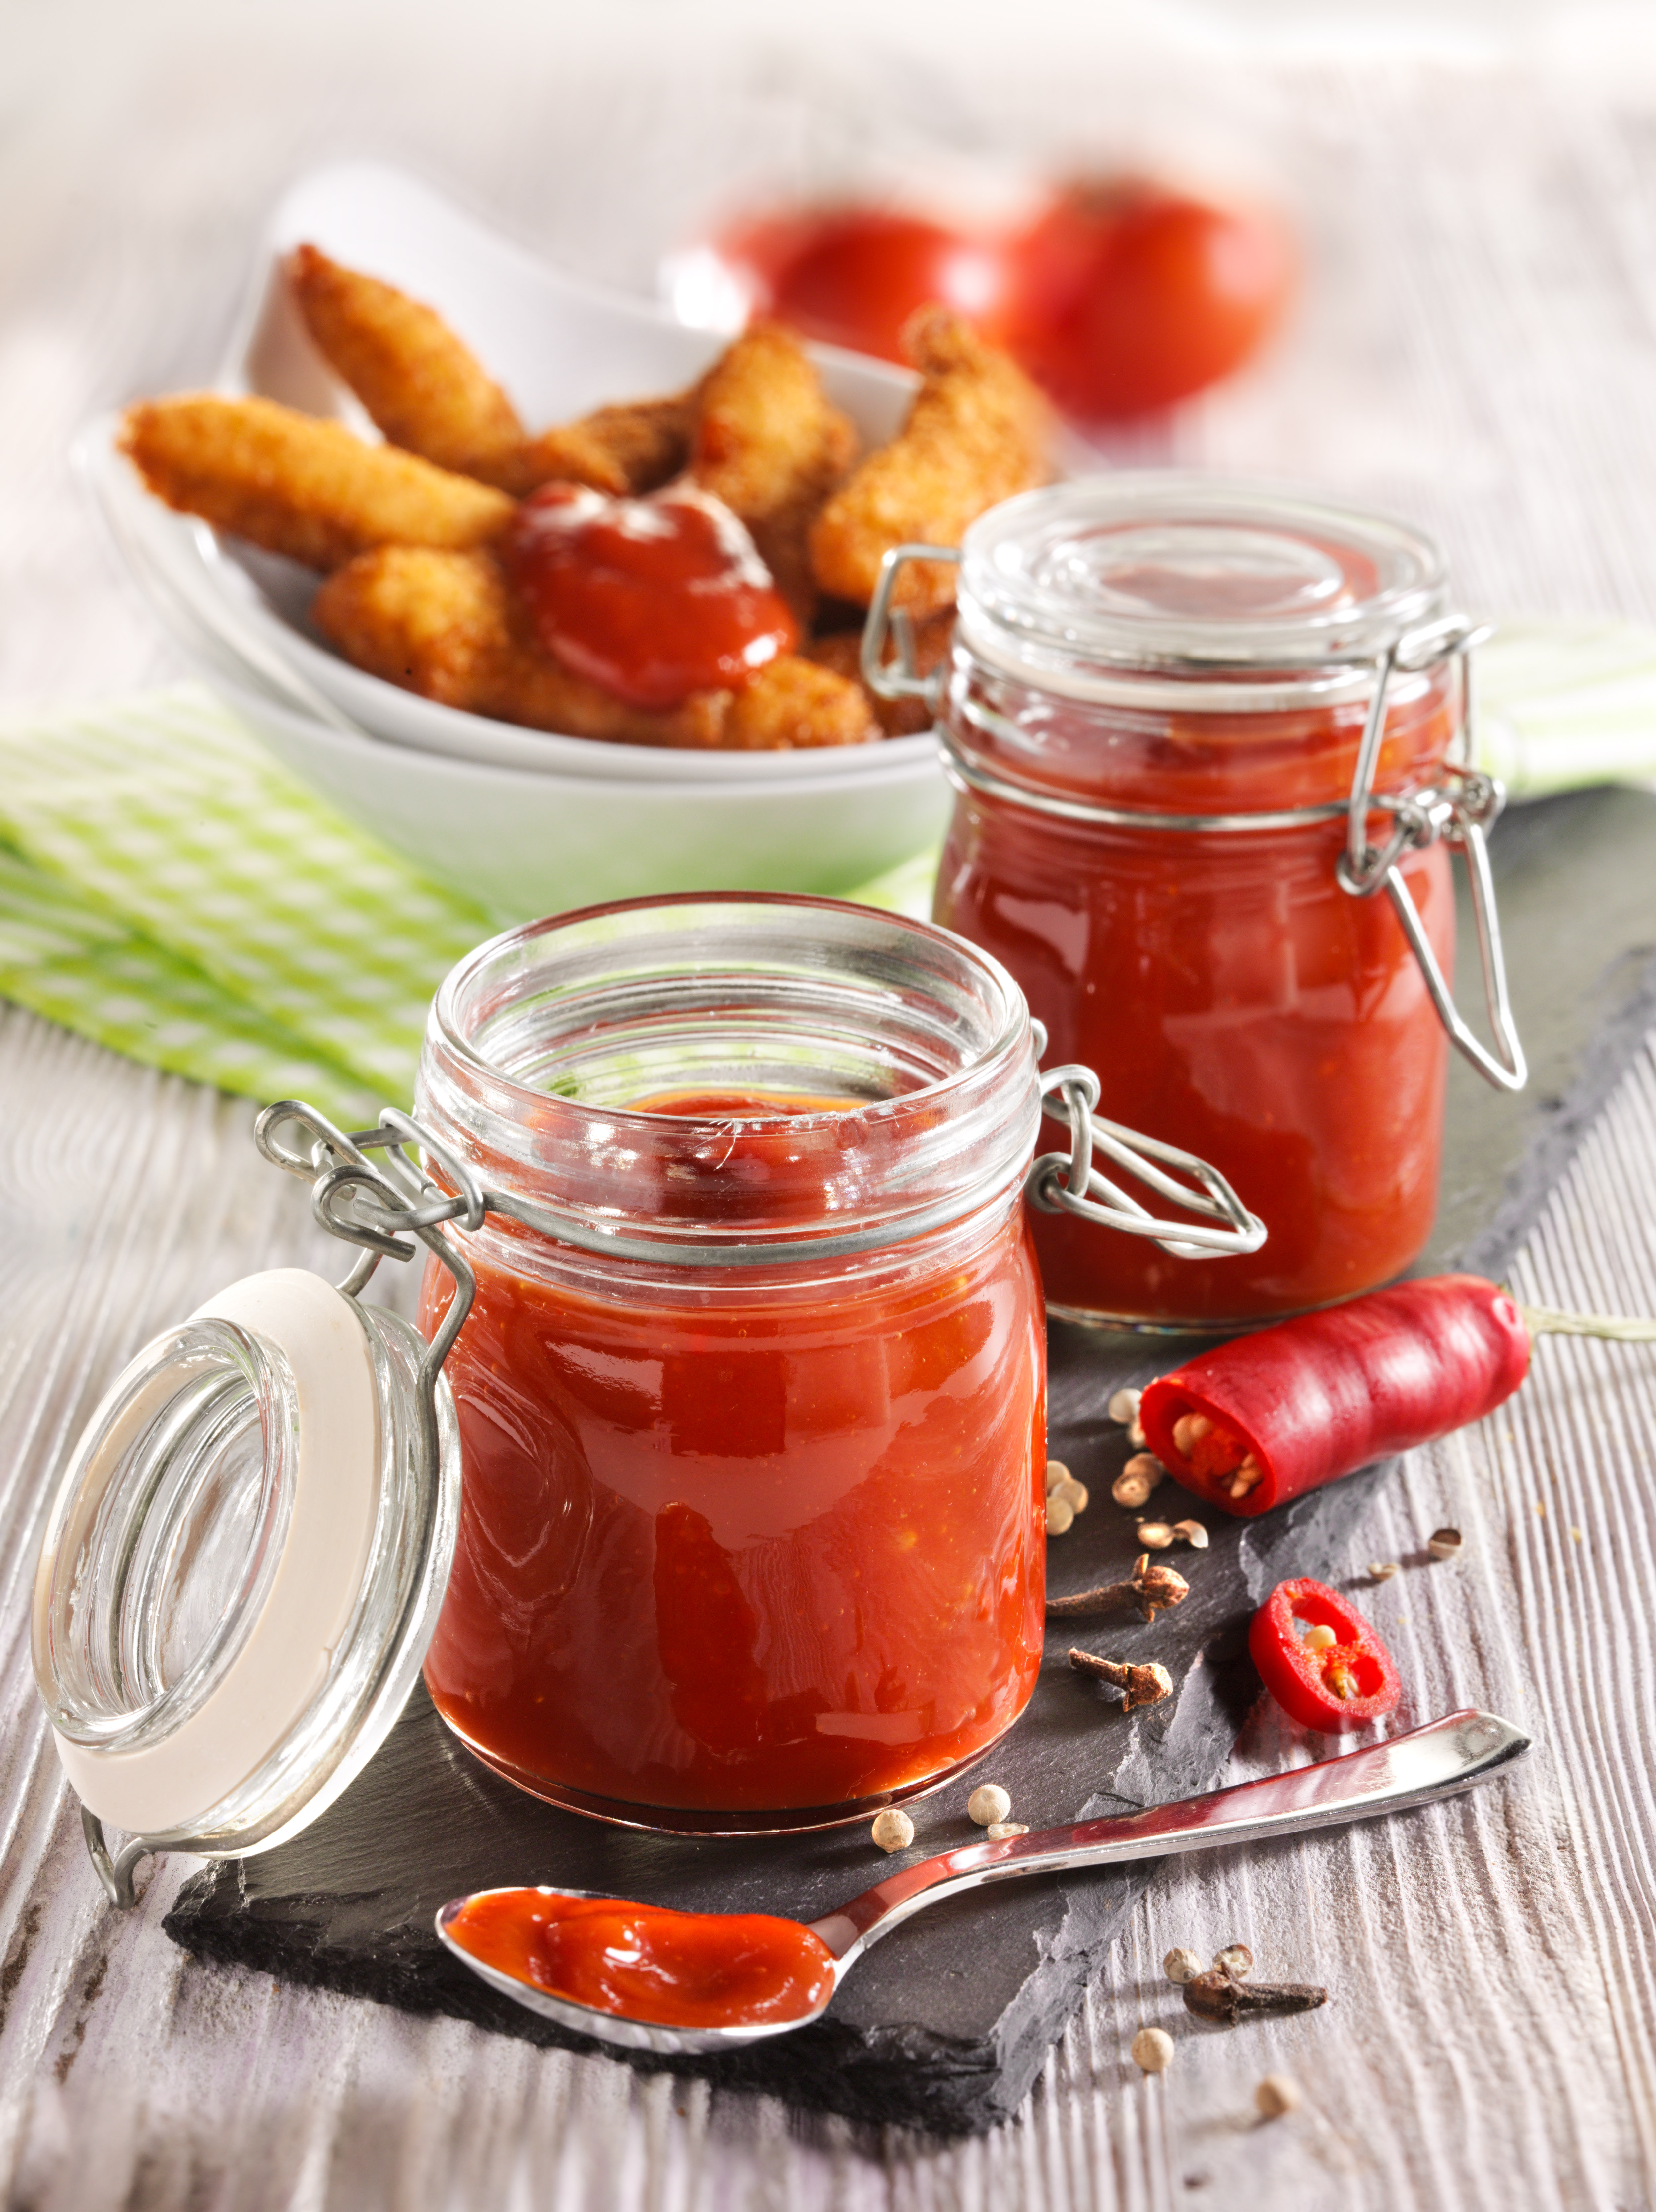 https://www.diamant-zucker.de/images/default-source/default-album/rezepte/chutneys-soßen/02118-feuriges_tomaten_ketchup826e0100-e175-4a3e-b727-a8d57b77c1f9.jpg?sfvrsn=57aec77a_3